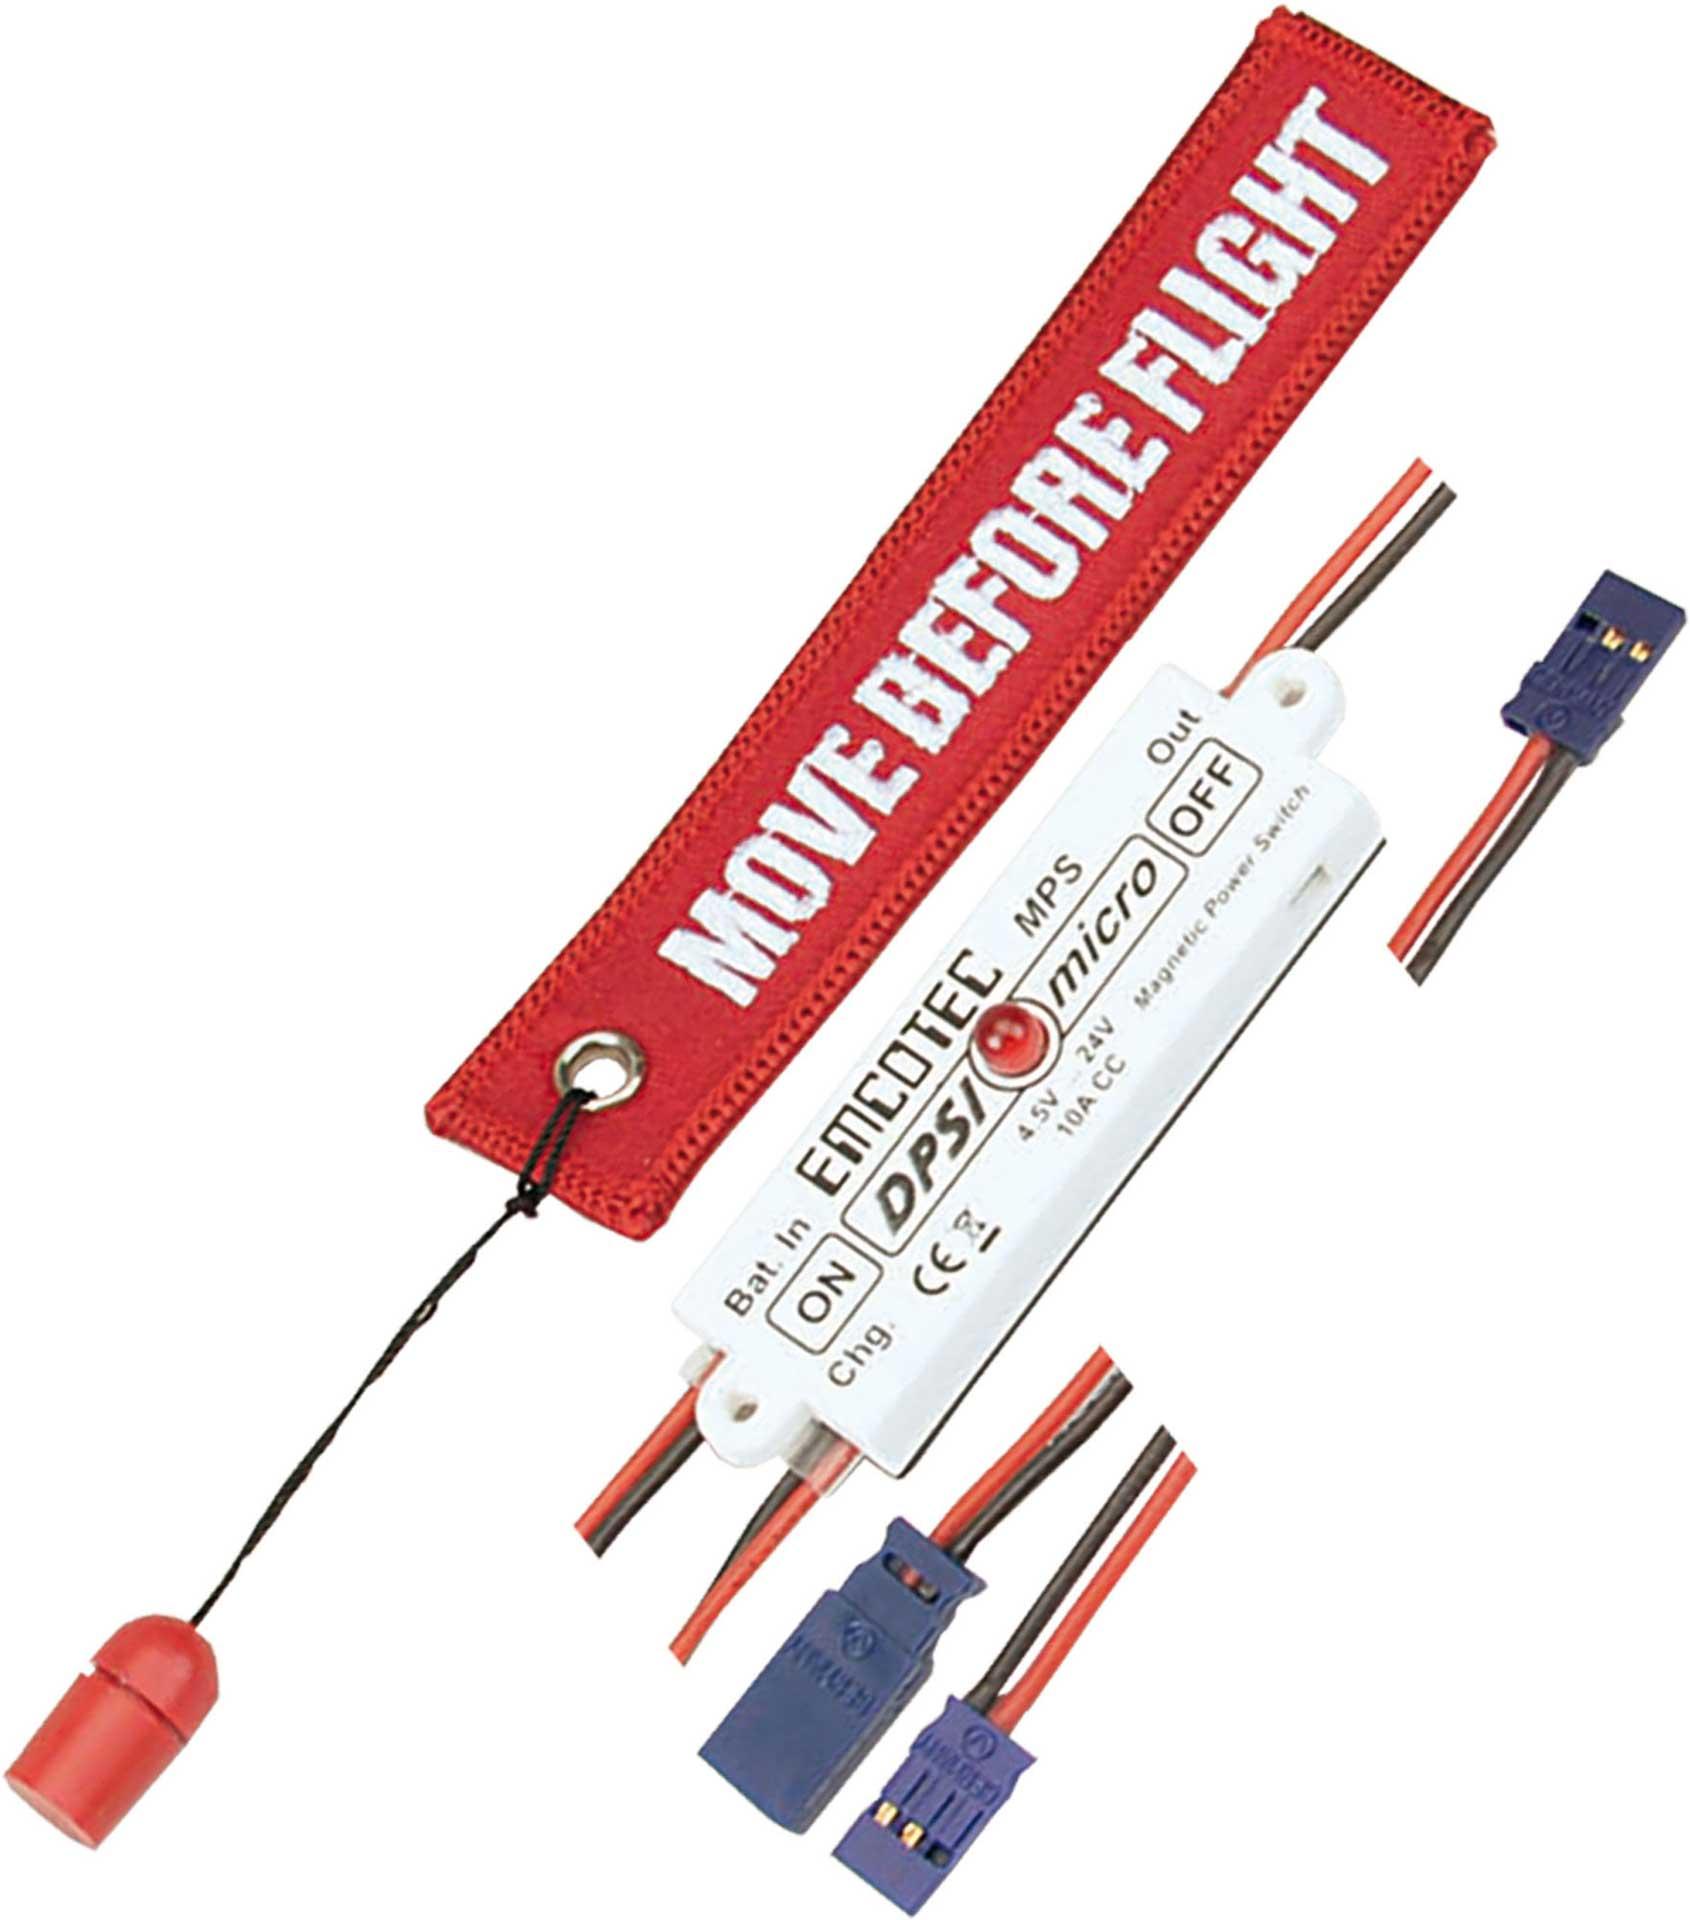 EMCOTEC DPSI MICRO MPS MAGNET SCHALTER